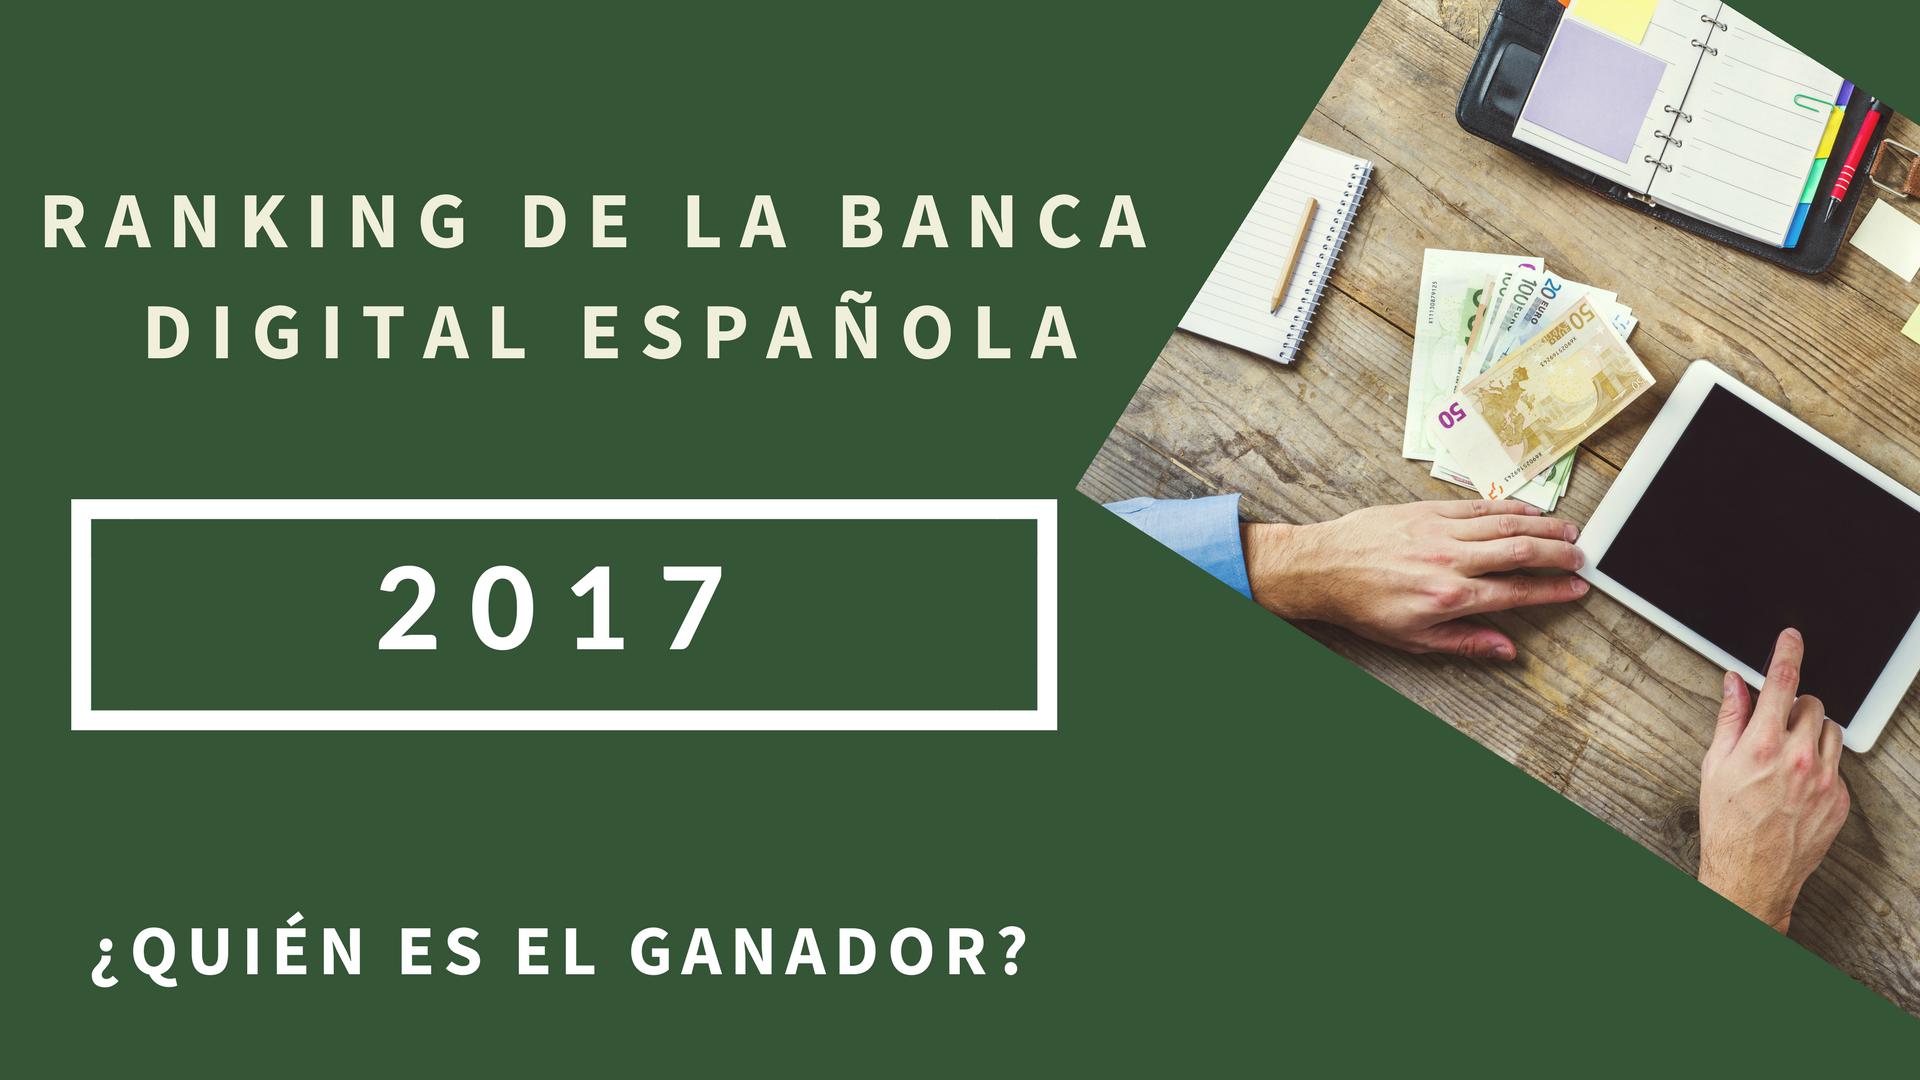 RANKING DE LA BANCA DIGITAL ESPOAÑOLA 2017.png